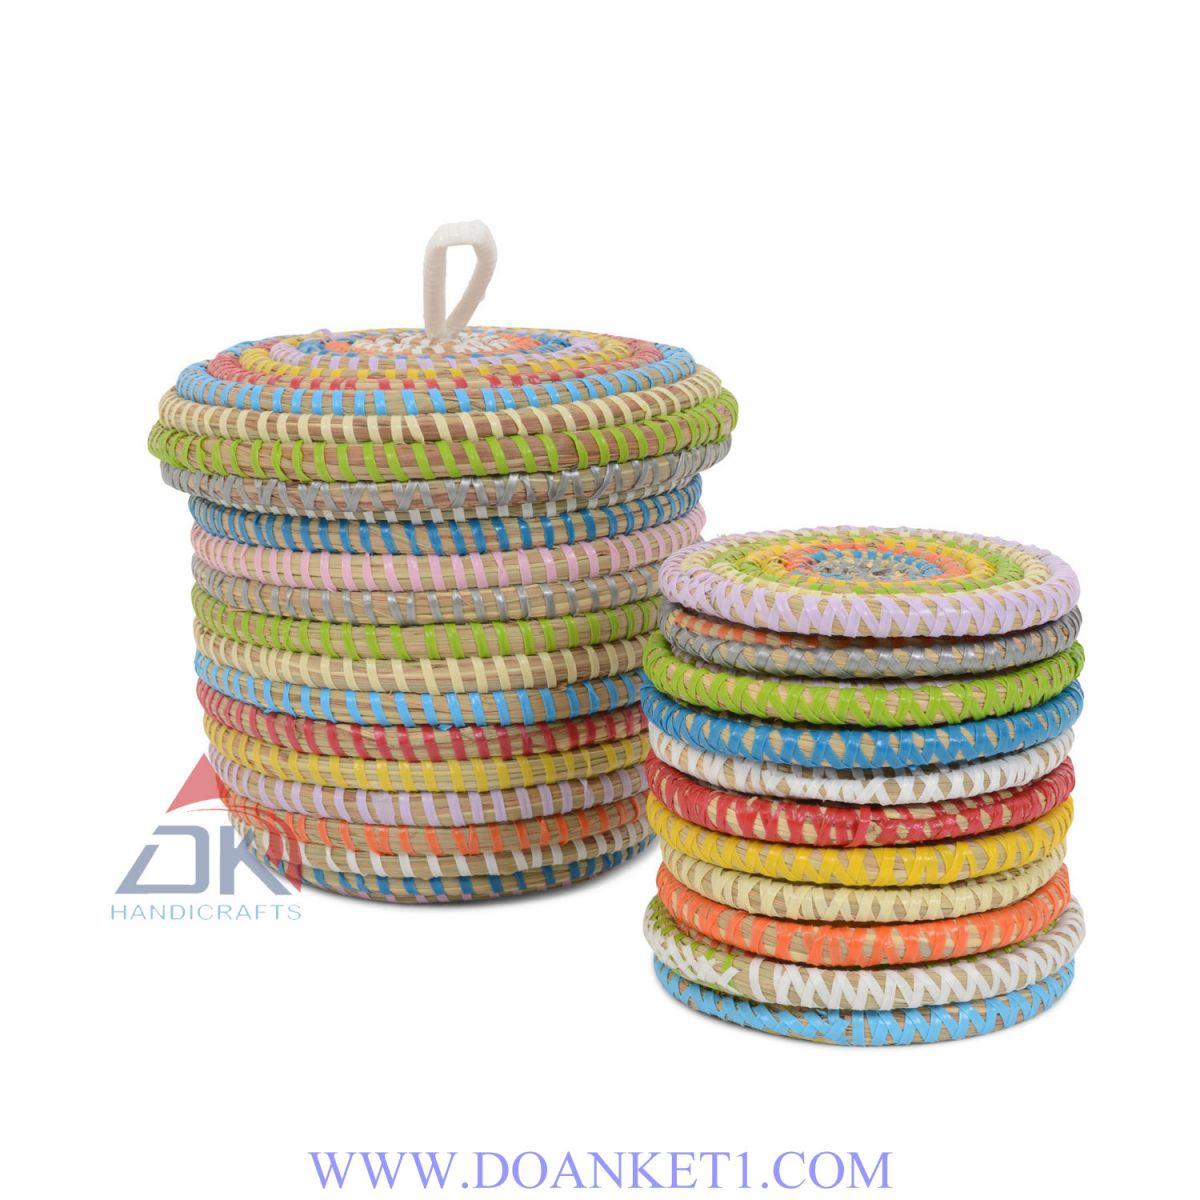 Seagrass Place Mat # DK223